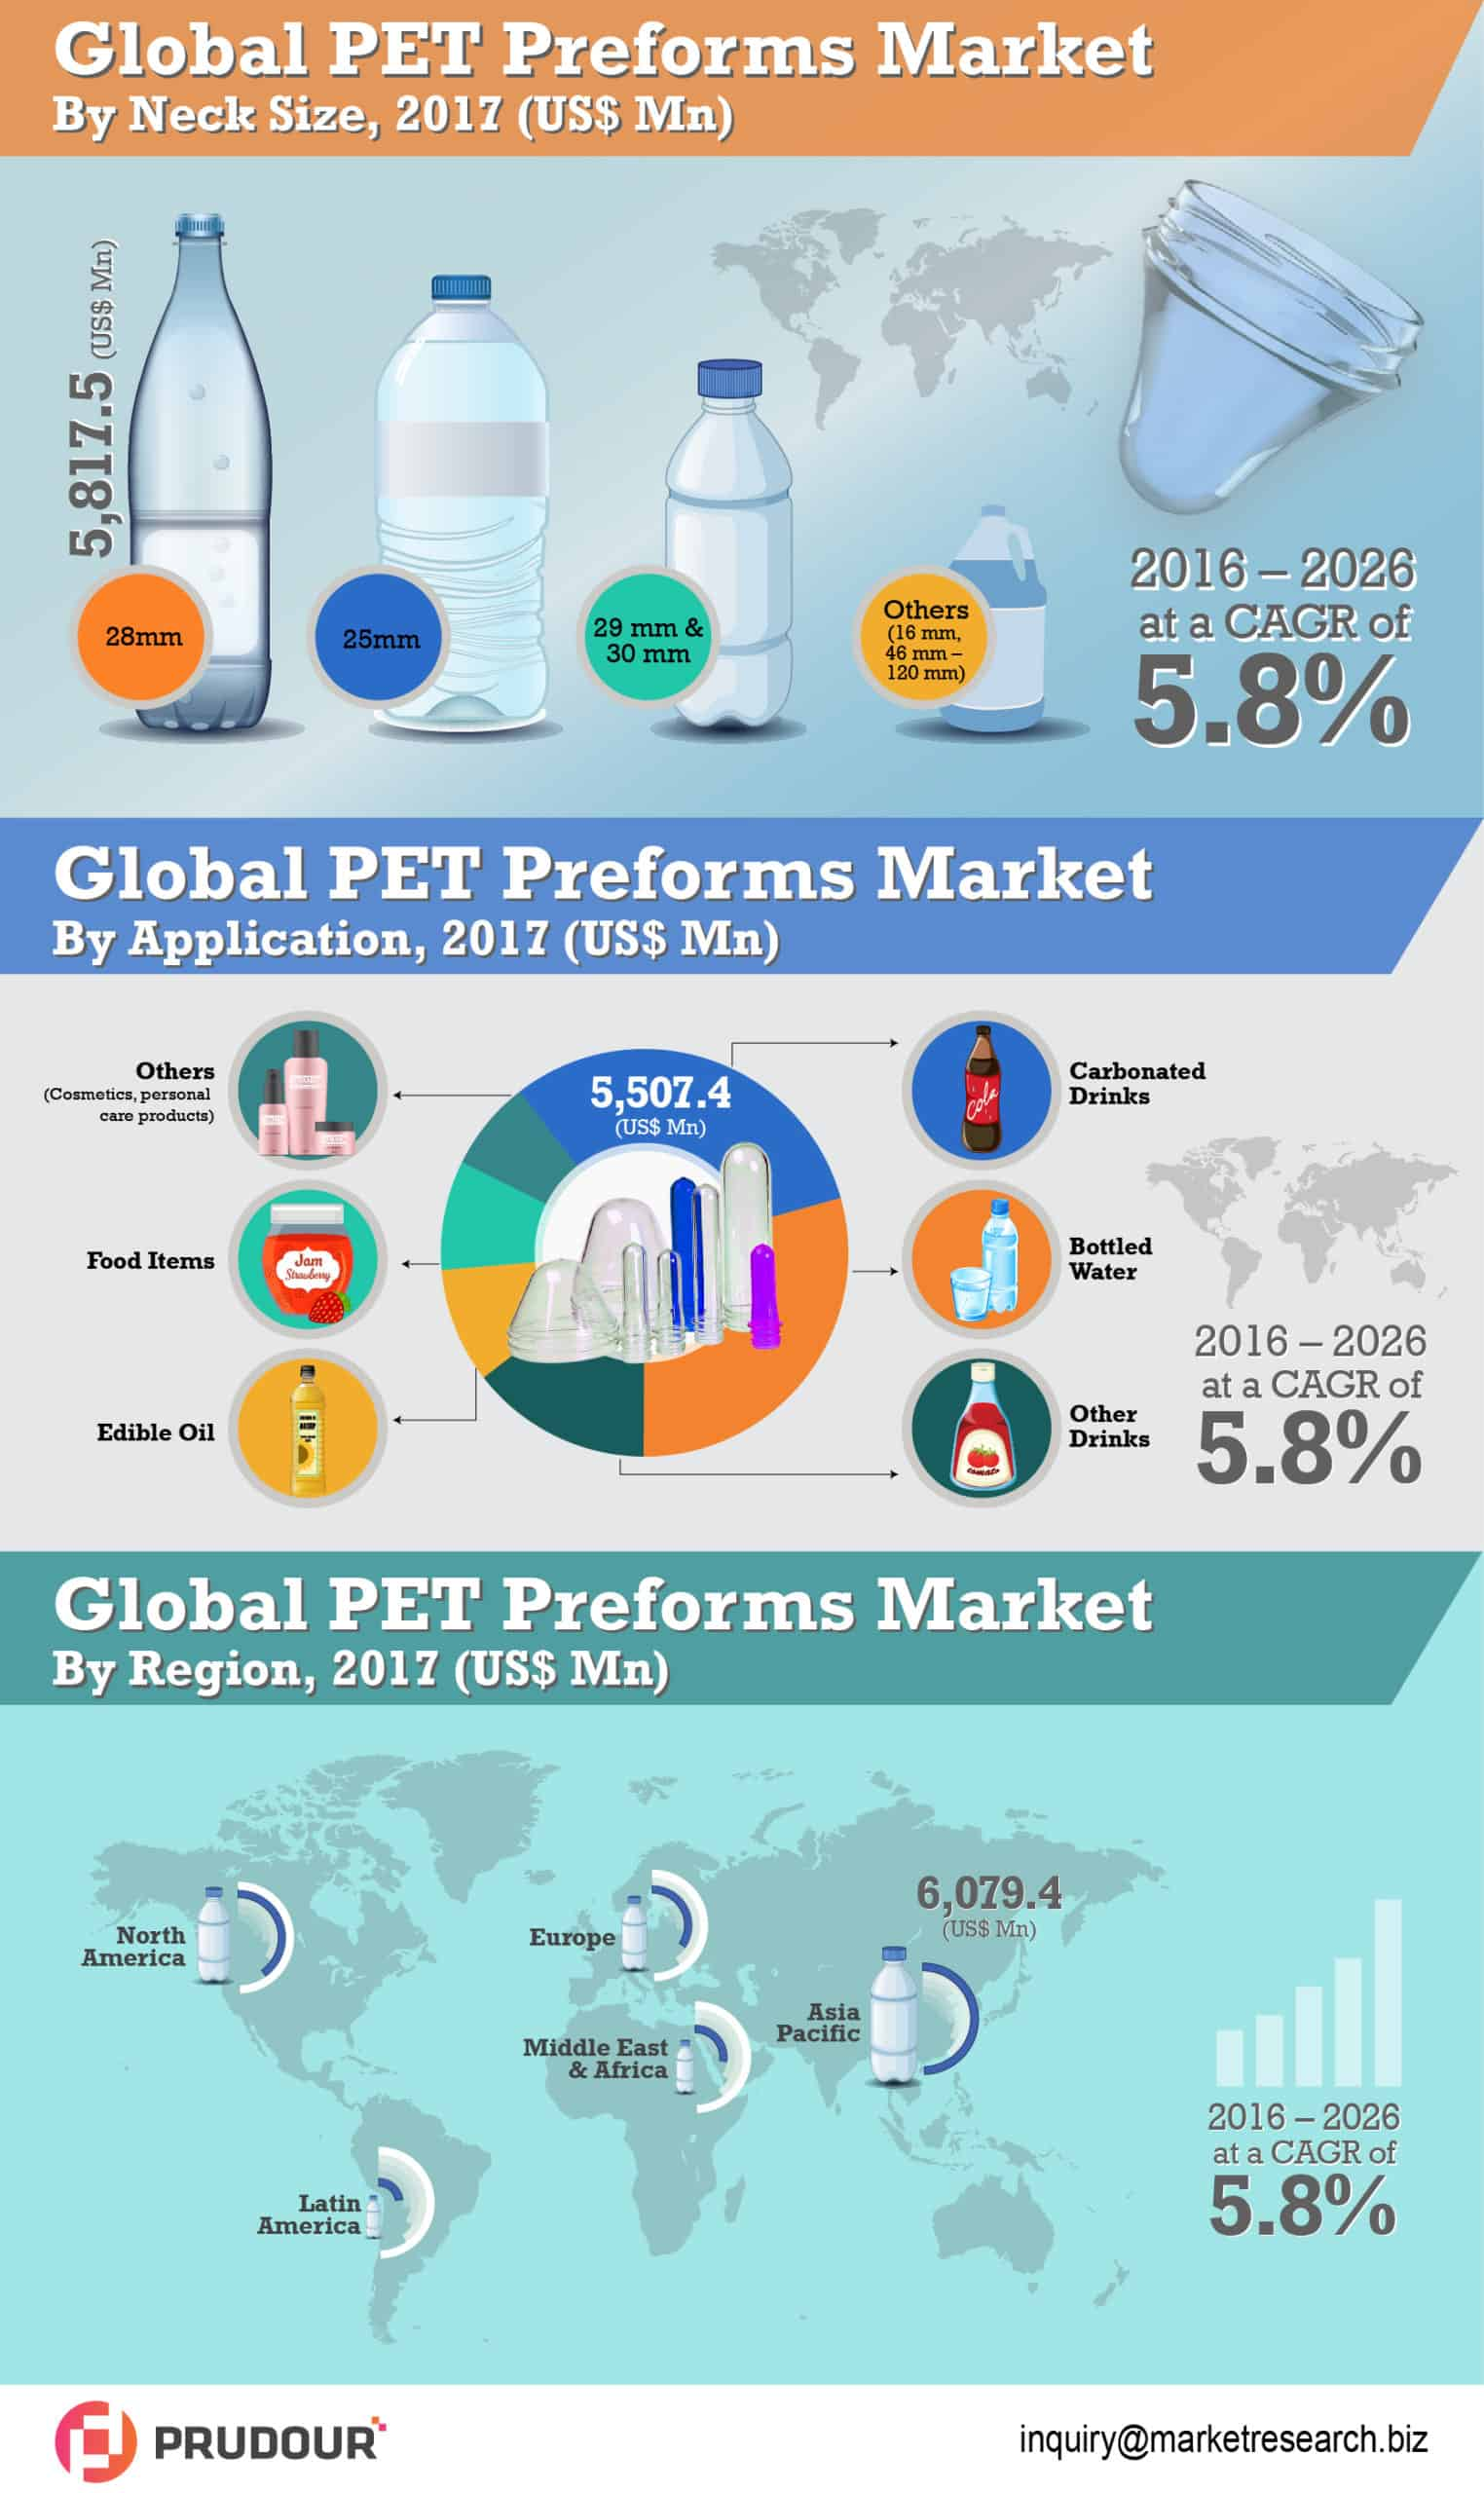 PET Preforms Market